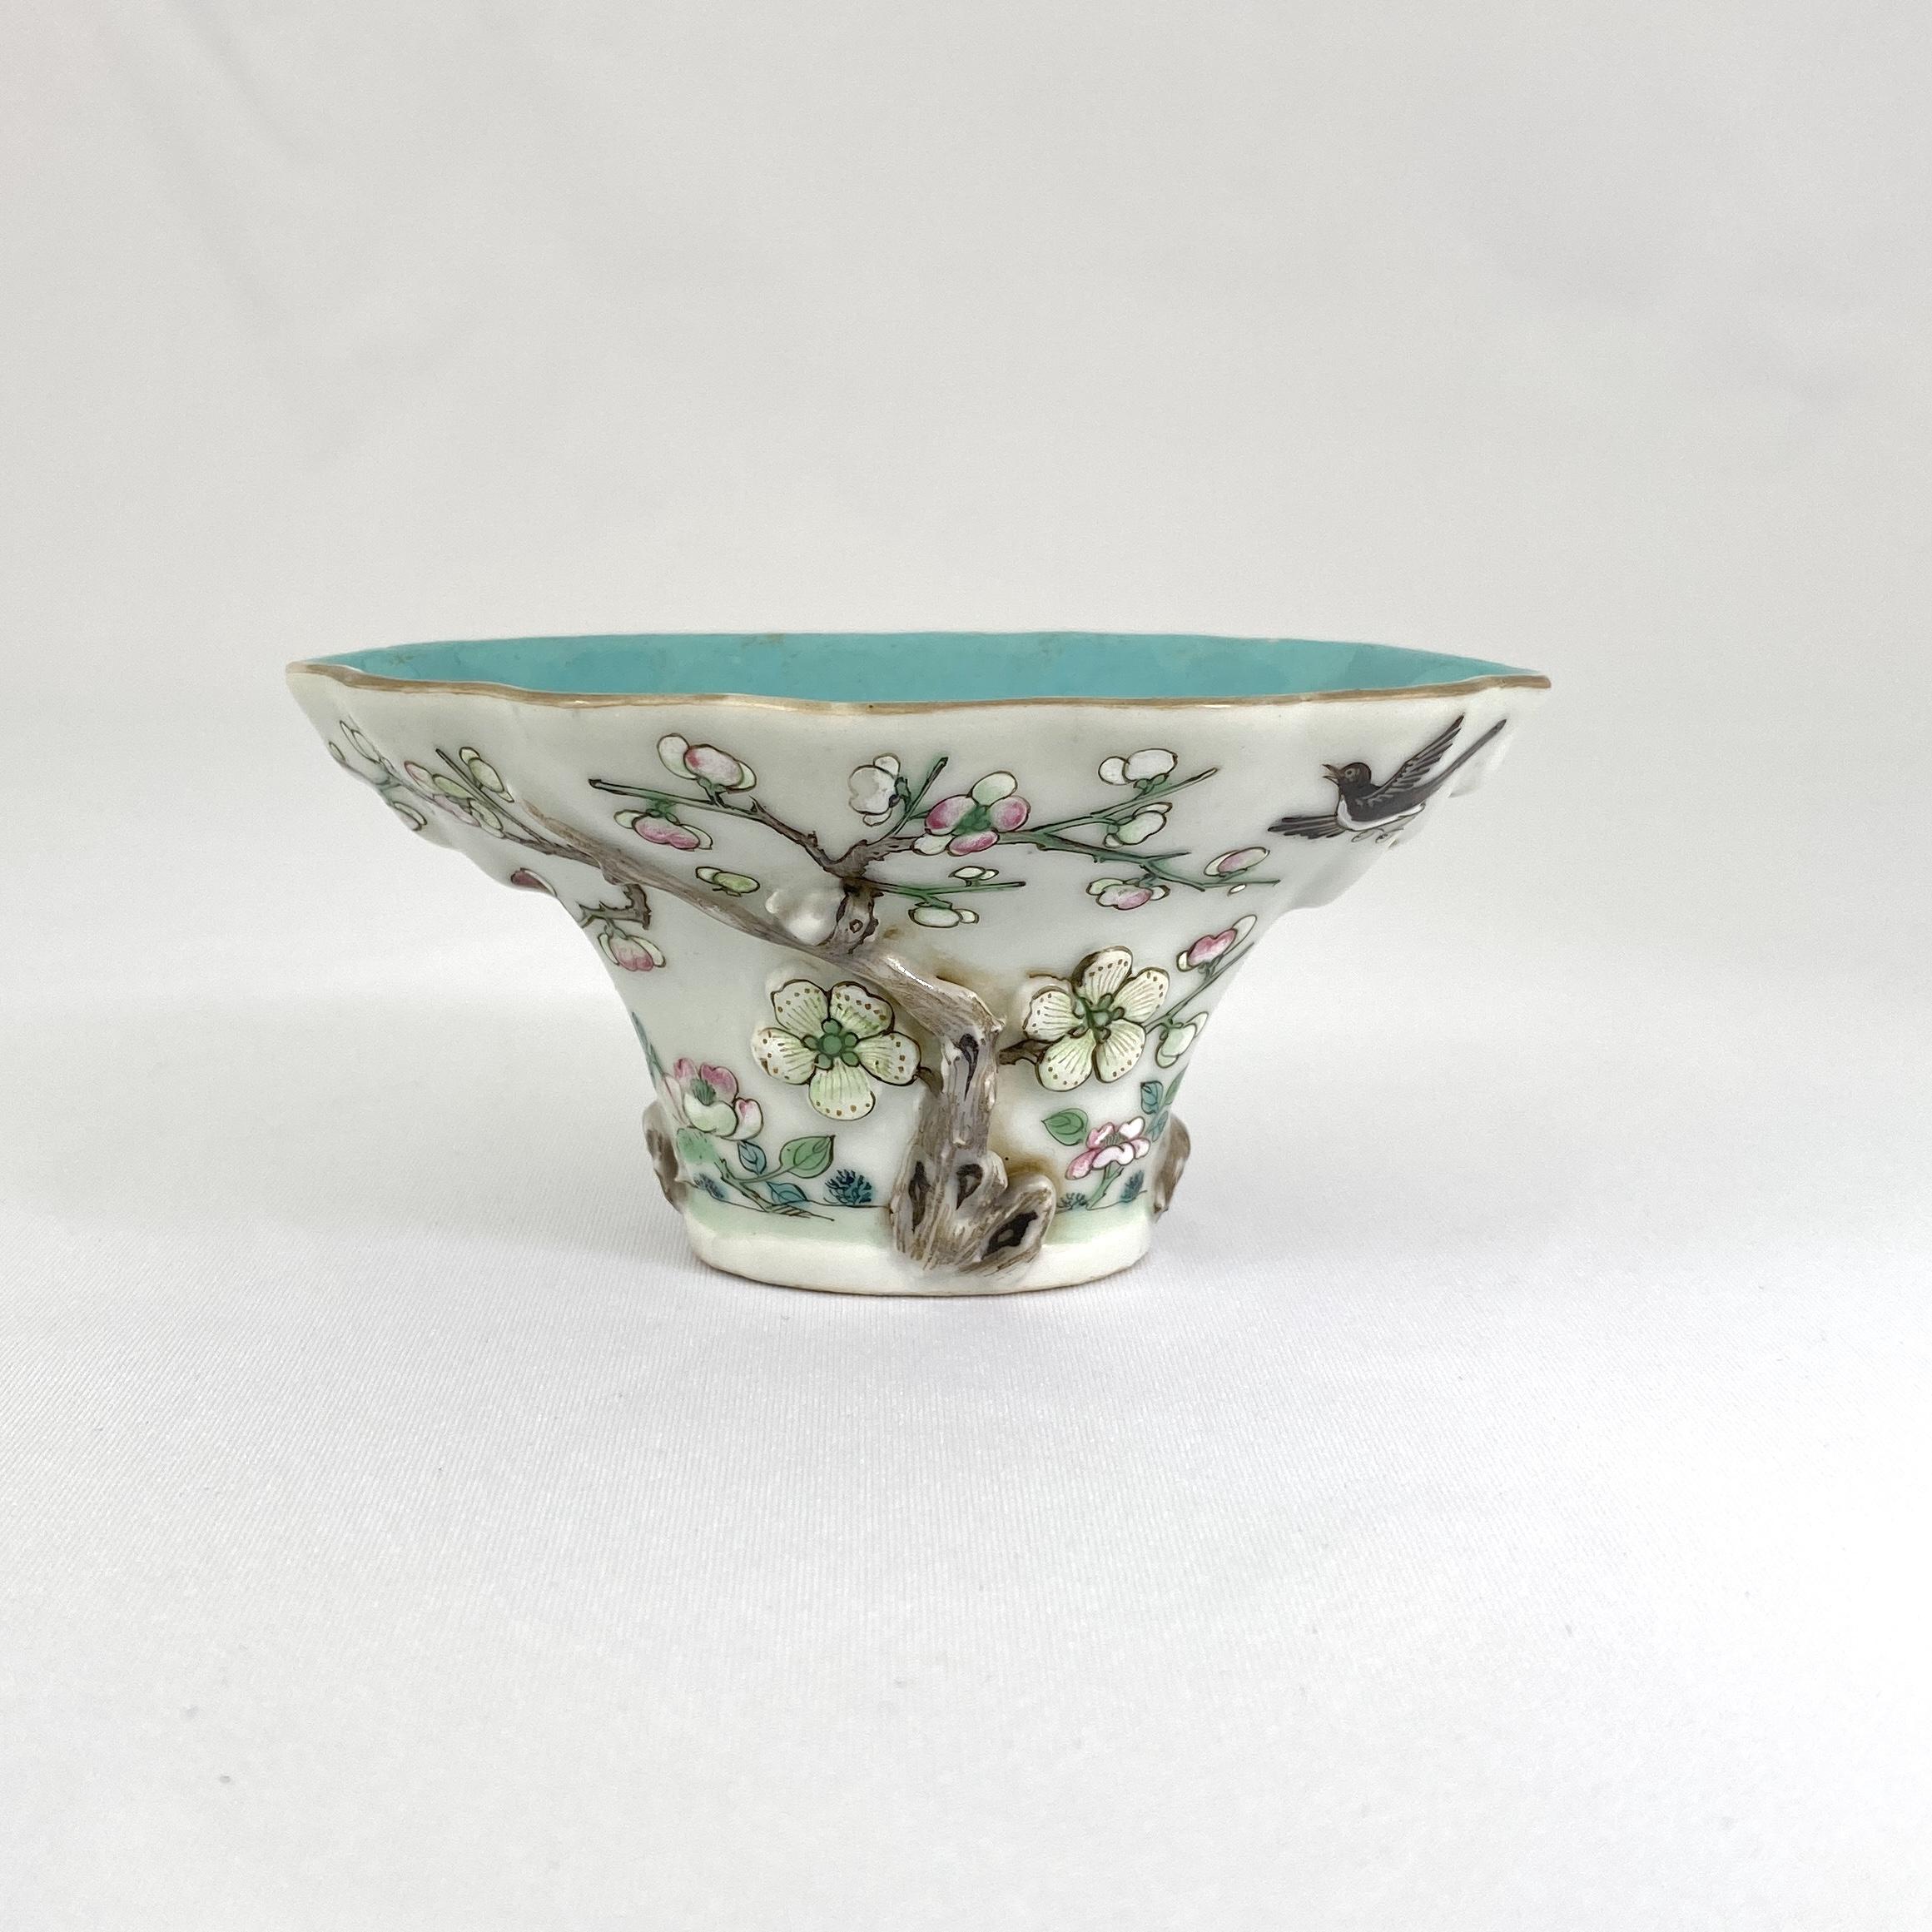 10121清「大清道光年製」款 粉彩 花鳥紋 杯